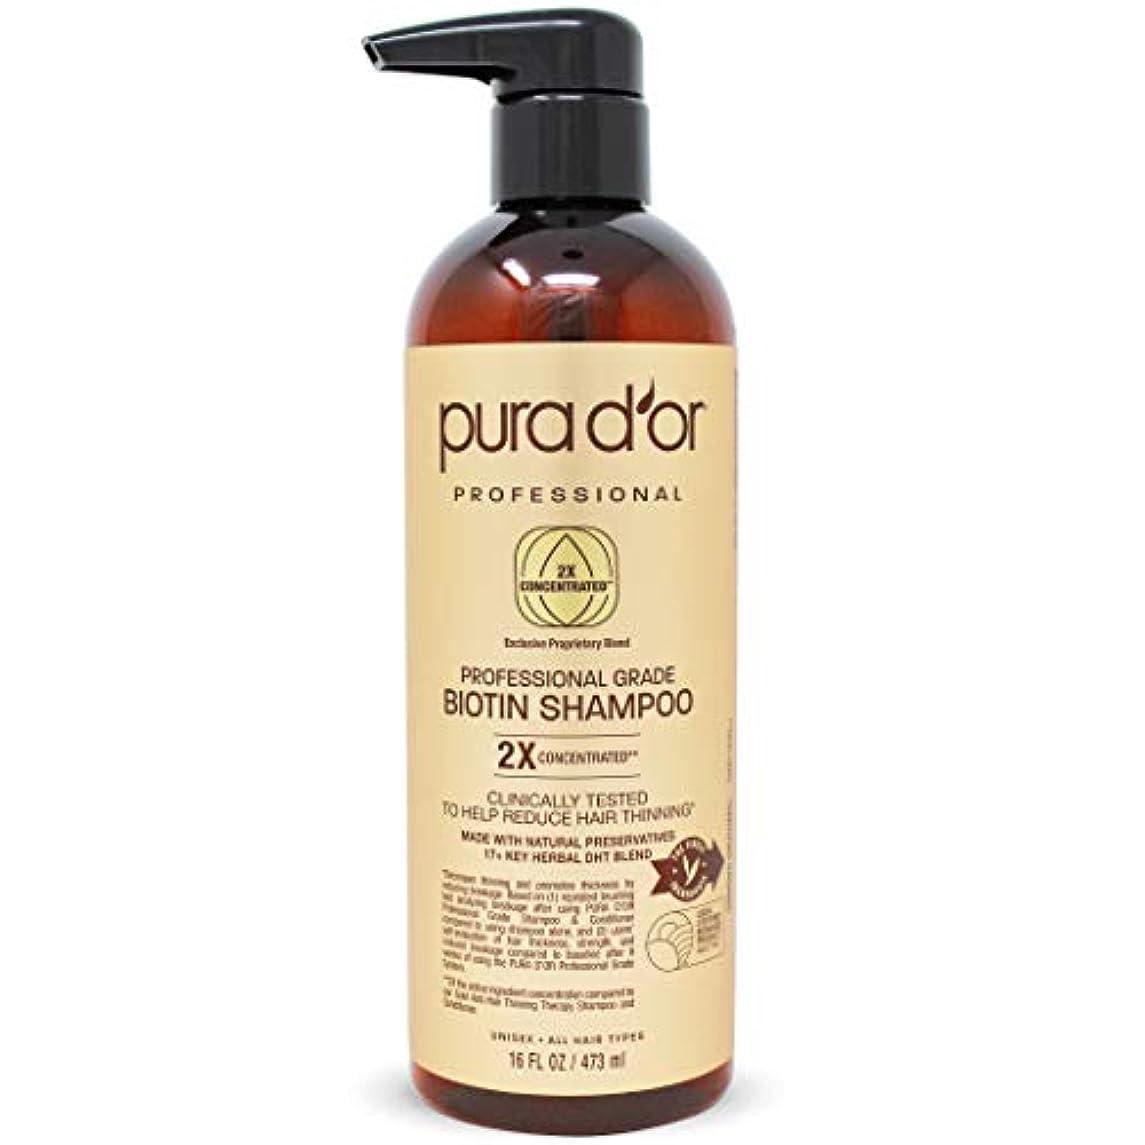 食用溶けた誇張するPURA D'OR プロフェッショナル品質 薄毛対策 2X 濃縮 有効成分 効果を高める 天然成分 臨床試験済み、硫酸塩フリー、男性 & 女性、473 ml(16 液量オンス) シャンプー